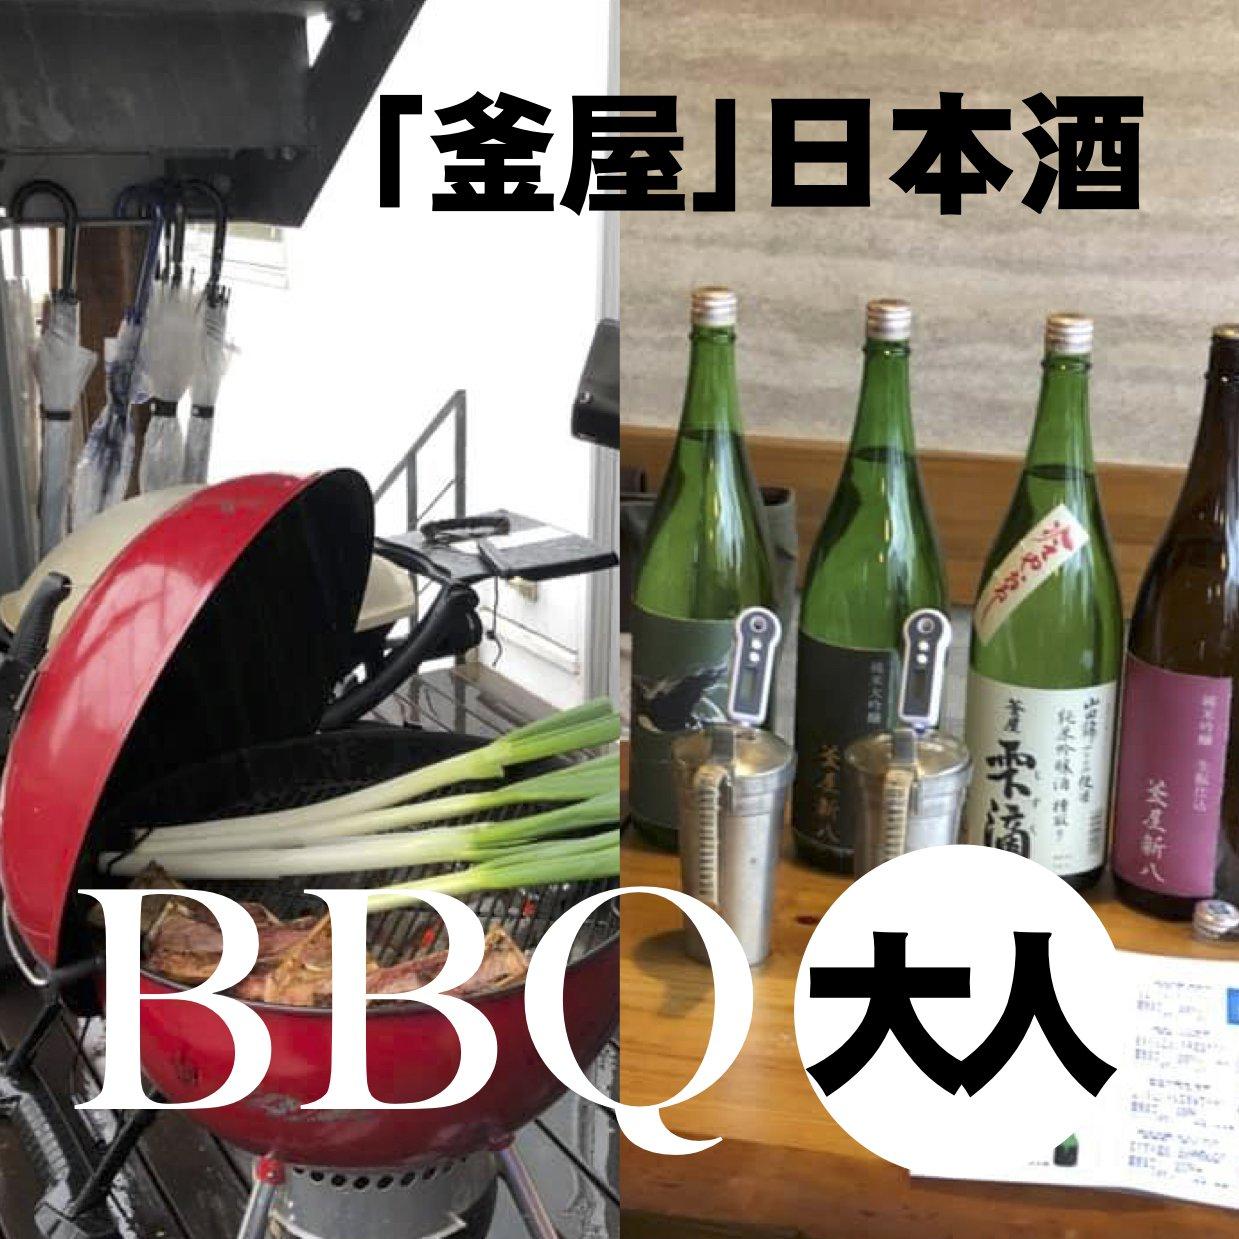 【11月22日参加チケット】かけはしBBQwith釜屋|日本酒ペアリング|小森社長自ら燗付け!のイメージその1